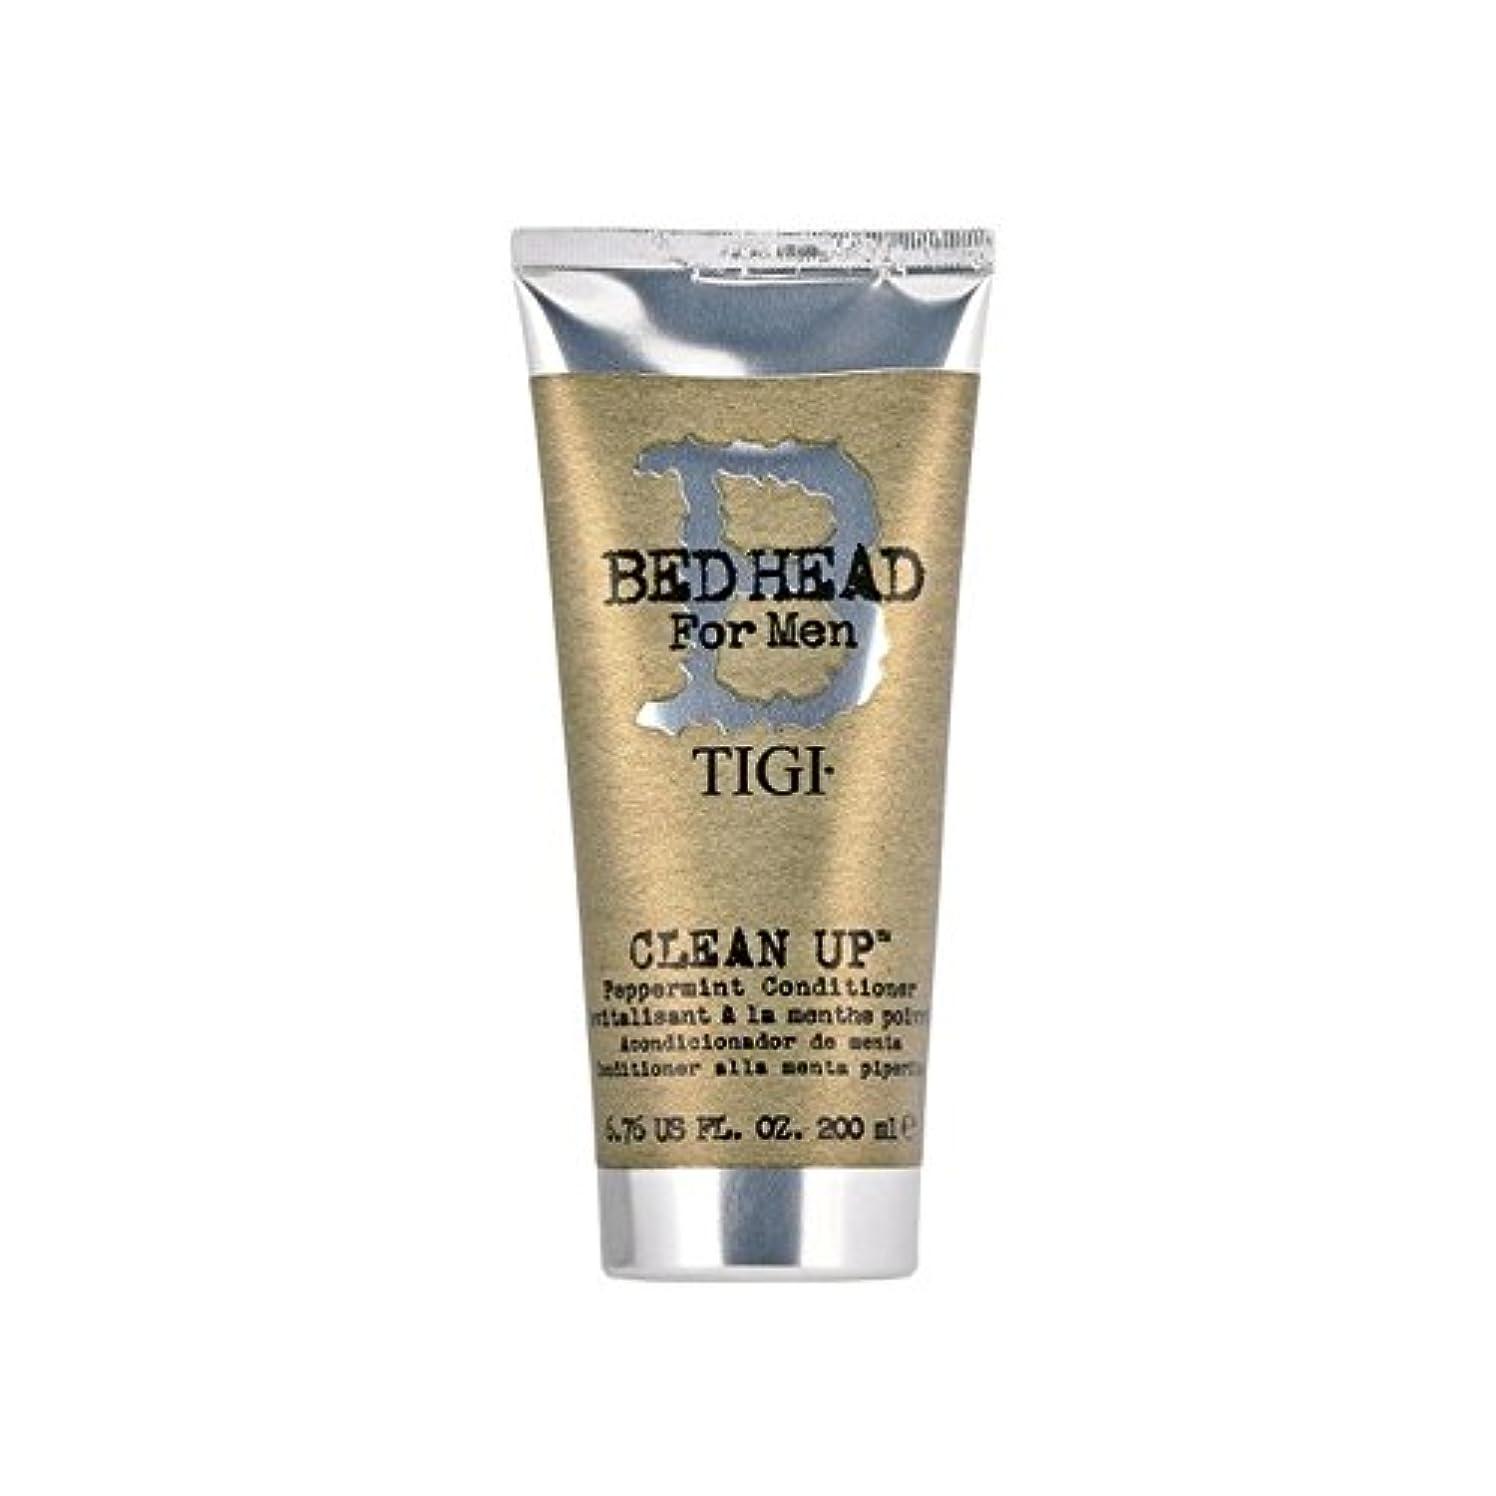 Tigi Bed Head For Men Clean Up Peppermint Conditioner (200ml) (Pack of 6) - ペパーミントコンディショナーをクリーンアップする男性のためのティジーベッドヘッド...